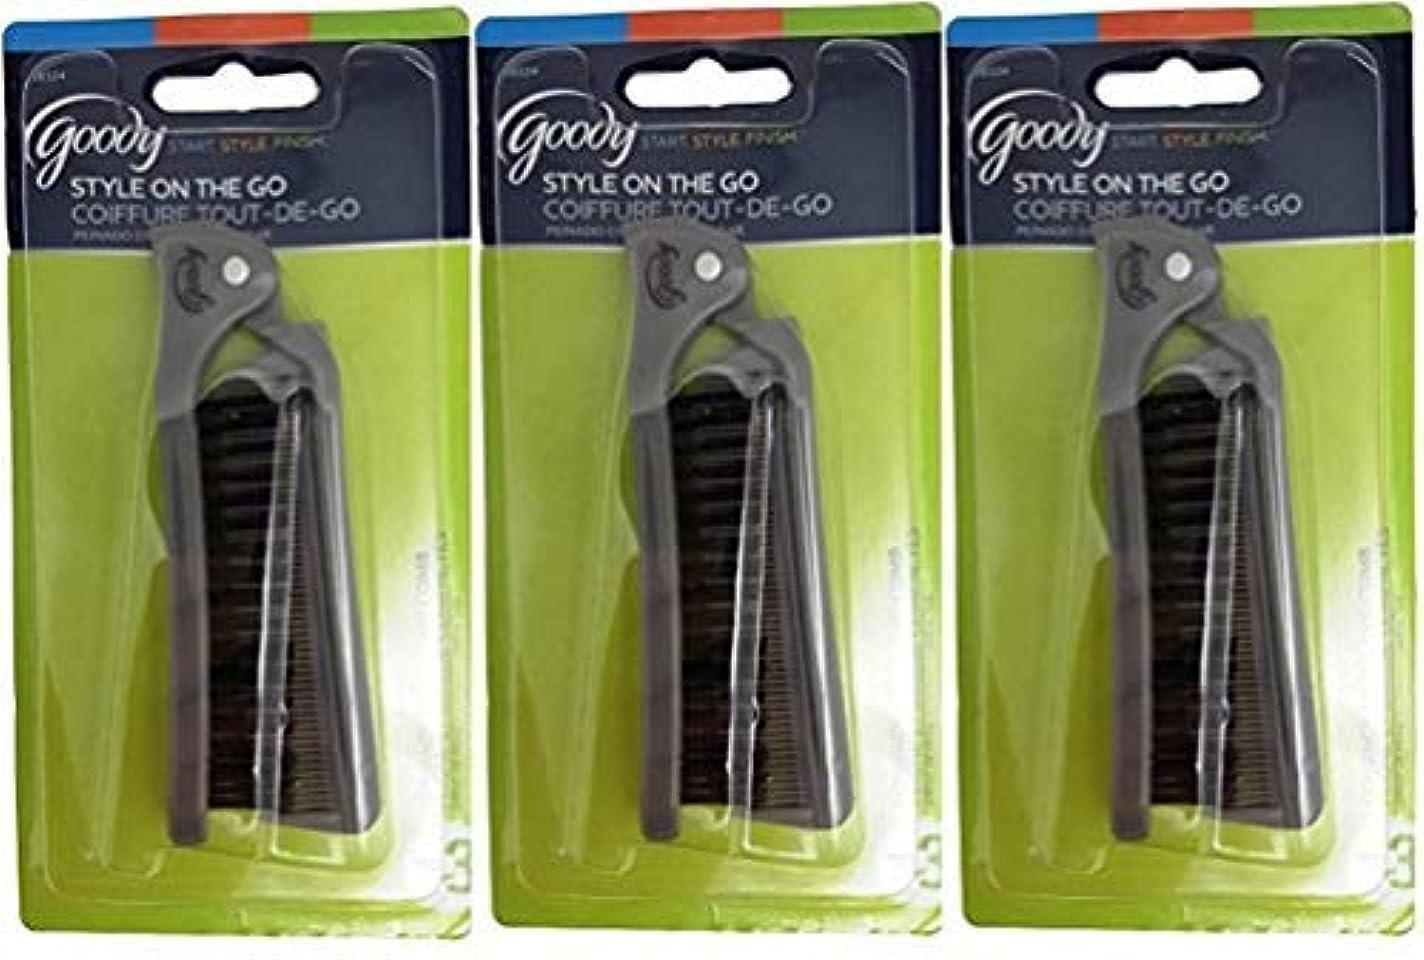 ミル背骨割り当てますGoody Folding Brush & Comb, Colors May Vary 1 ea (Pack of 3) [並行輸入品]